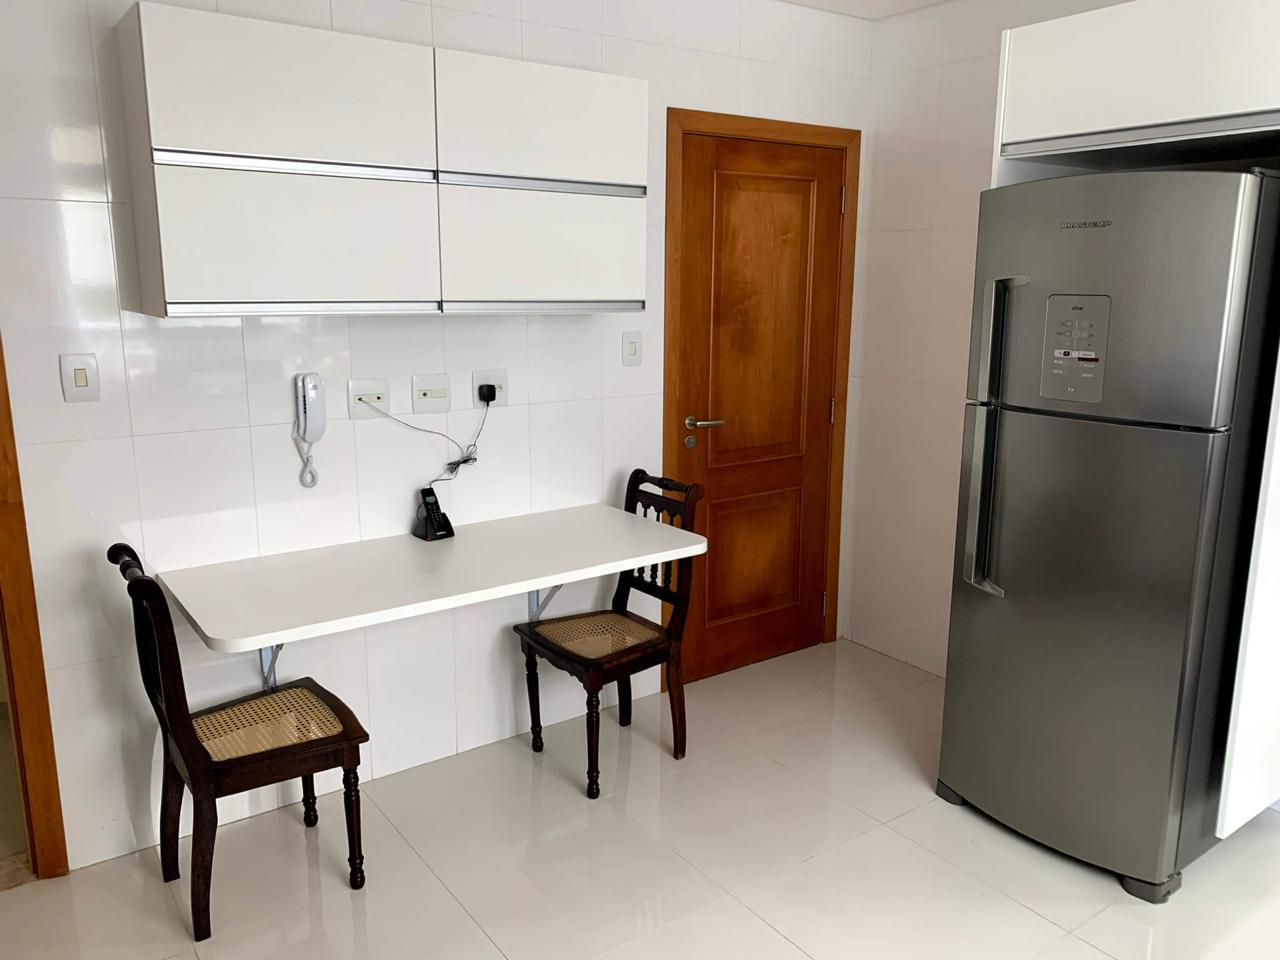 Excelente semi novo apartamento com 160m, uma quadra da Praia, Duas vagas de garagem, 3 suítes - foto 12